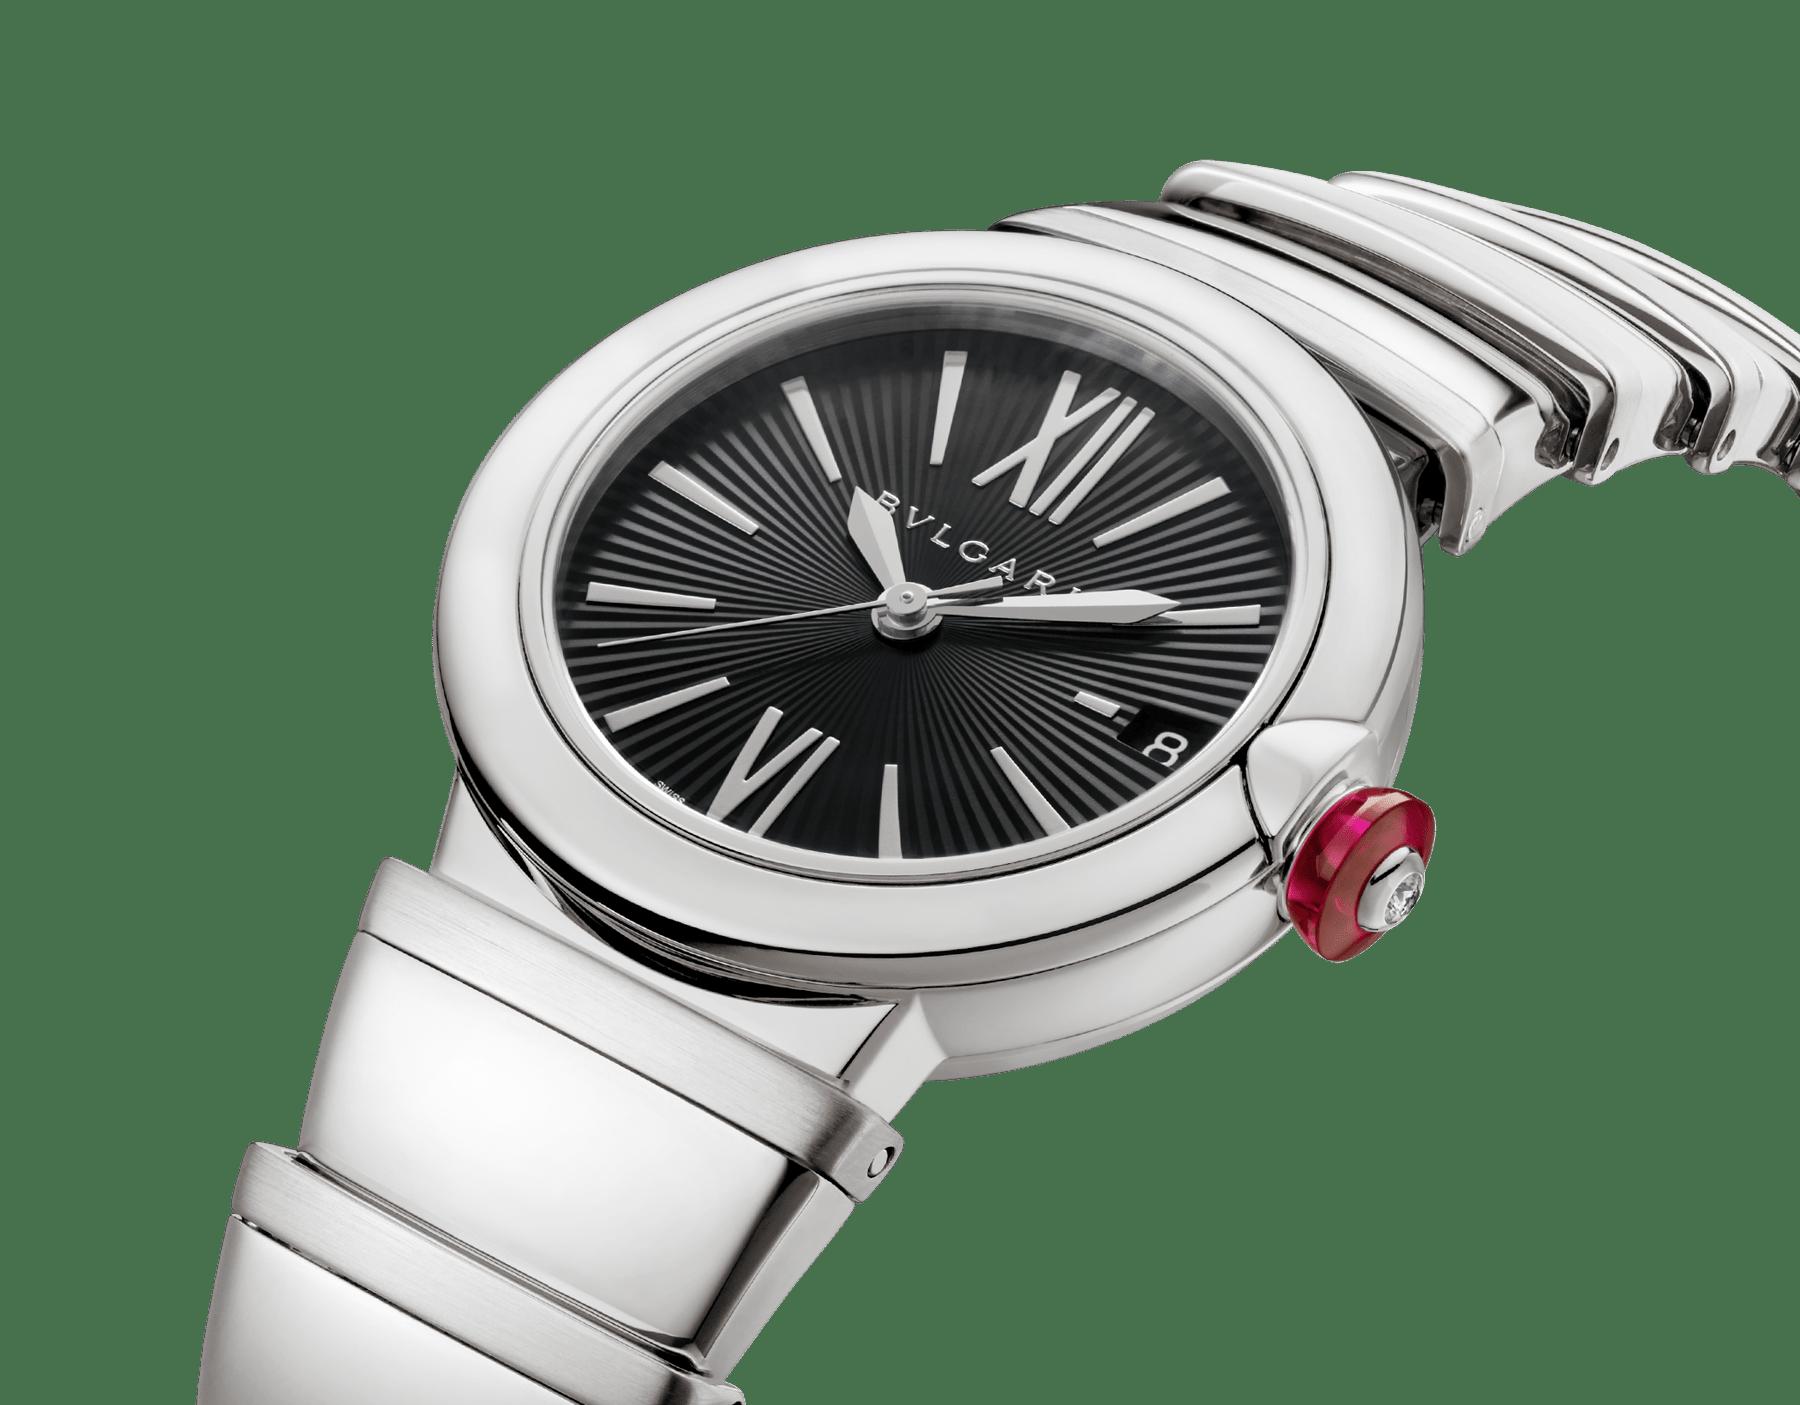 Reloj LVCEA con caja y brazalete en acero inoxidable y esfera negra. 102688 image 2